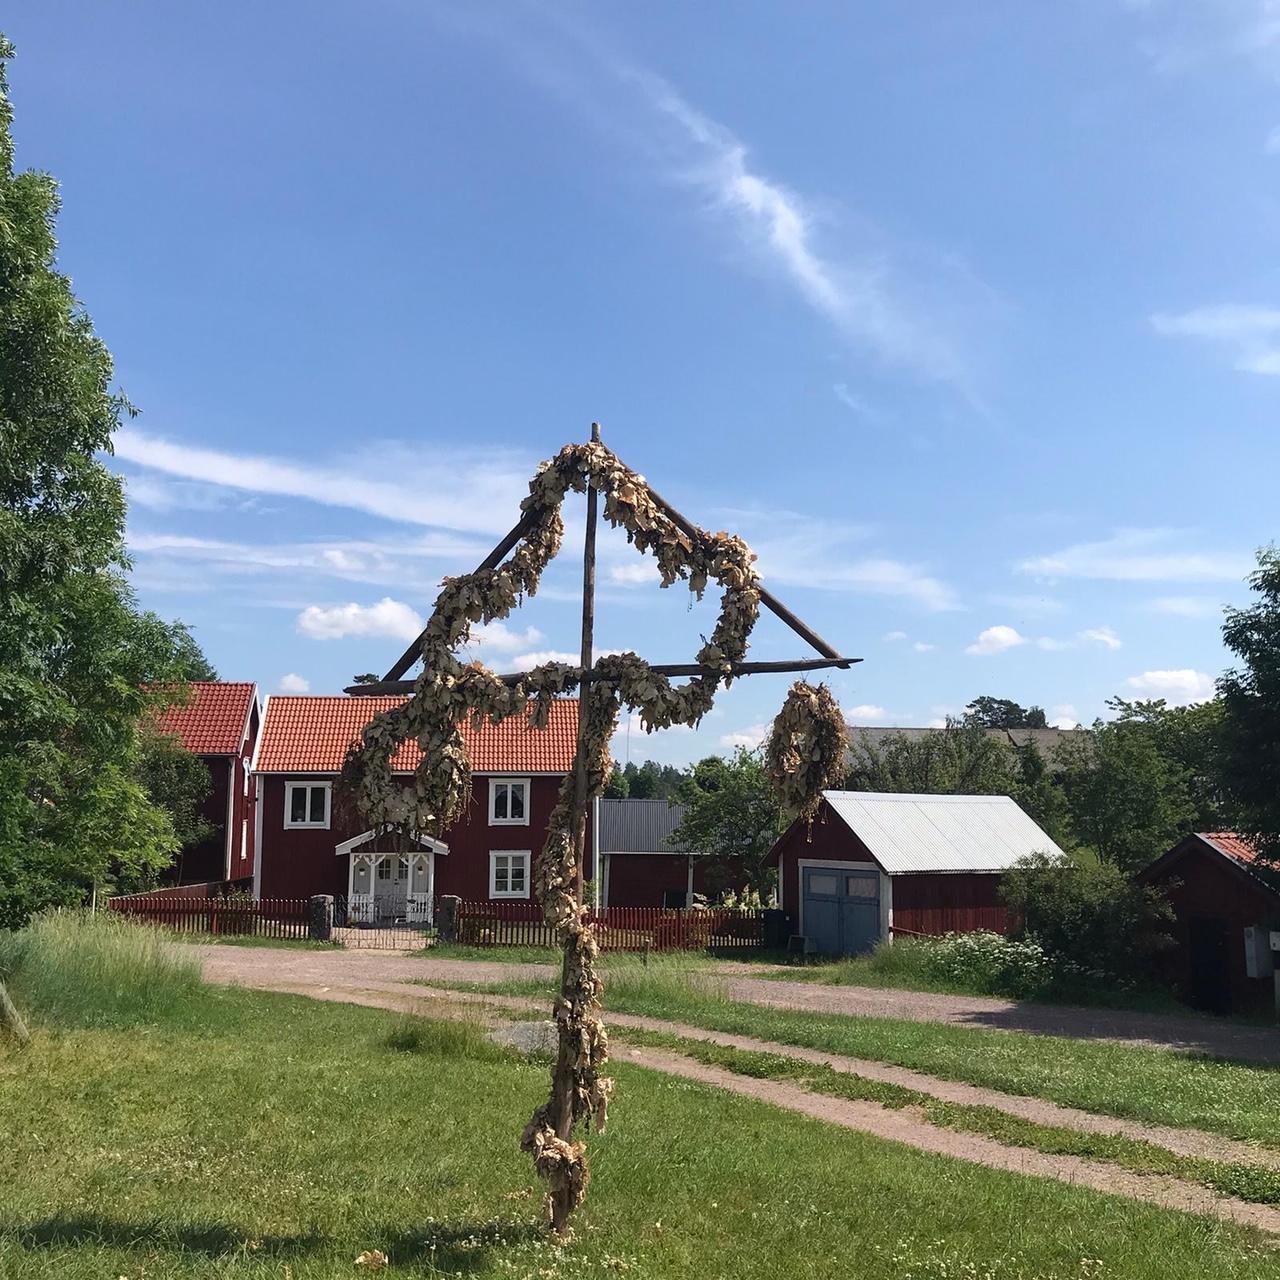 Midsommar in Zeiten von Corona: vertrockneter Midsommarbaum aus 2019